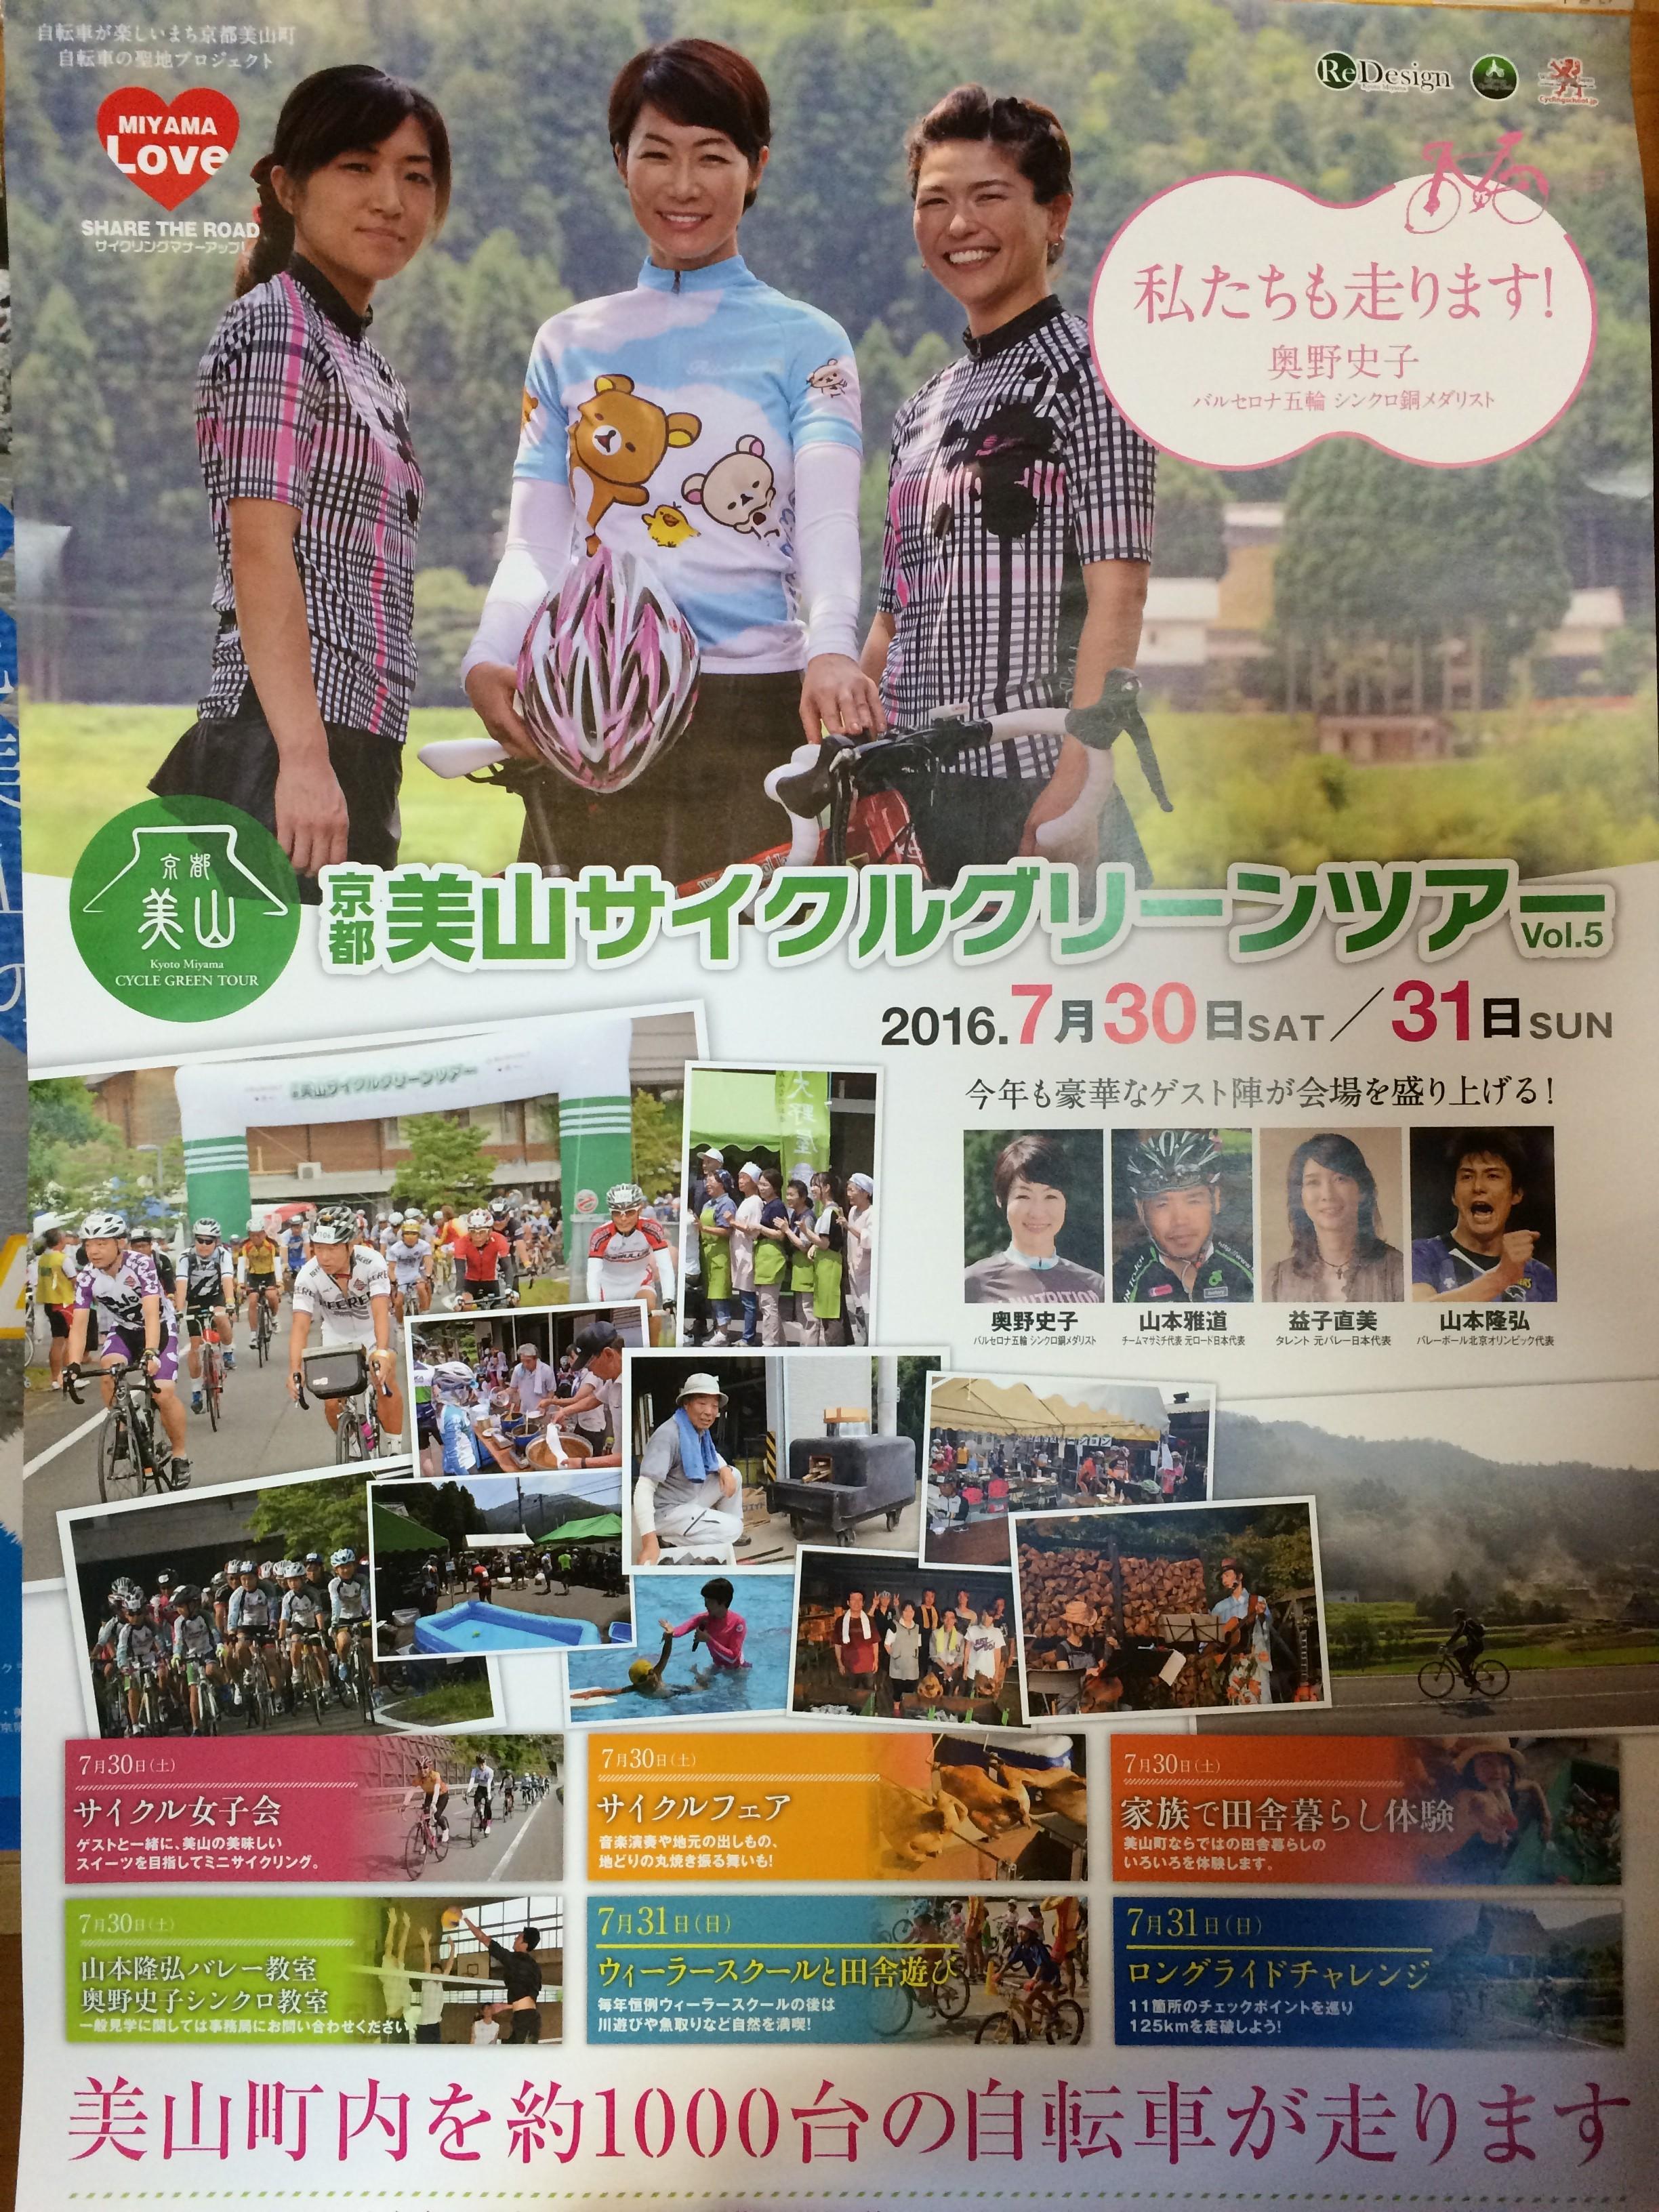 京都美山サイクルグリーンツアー